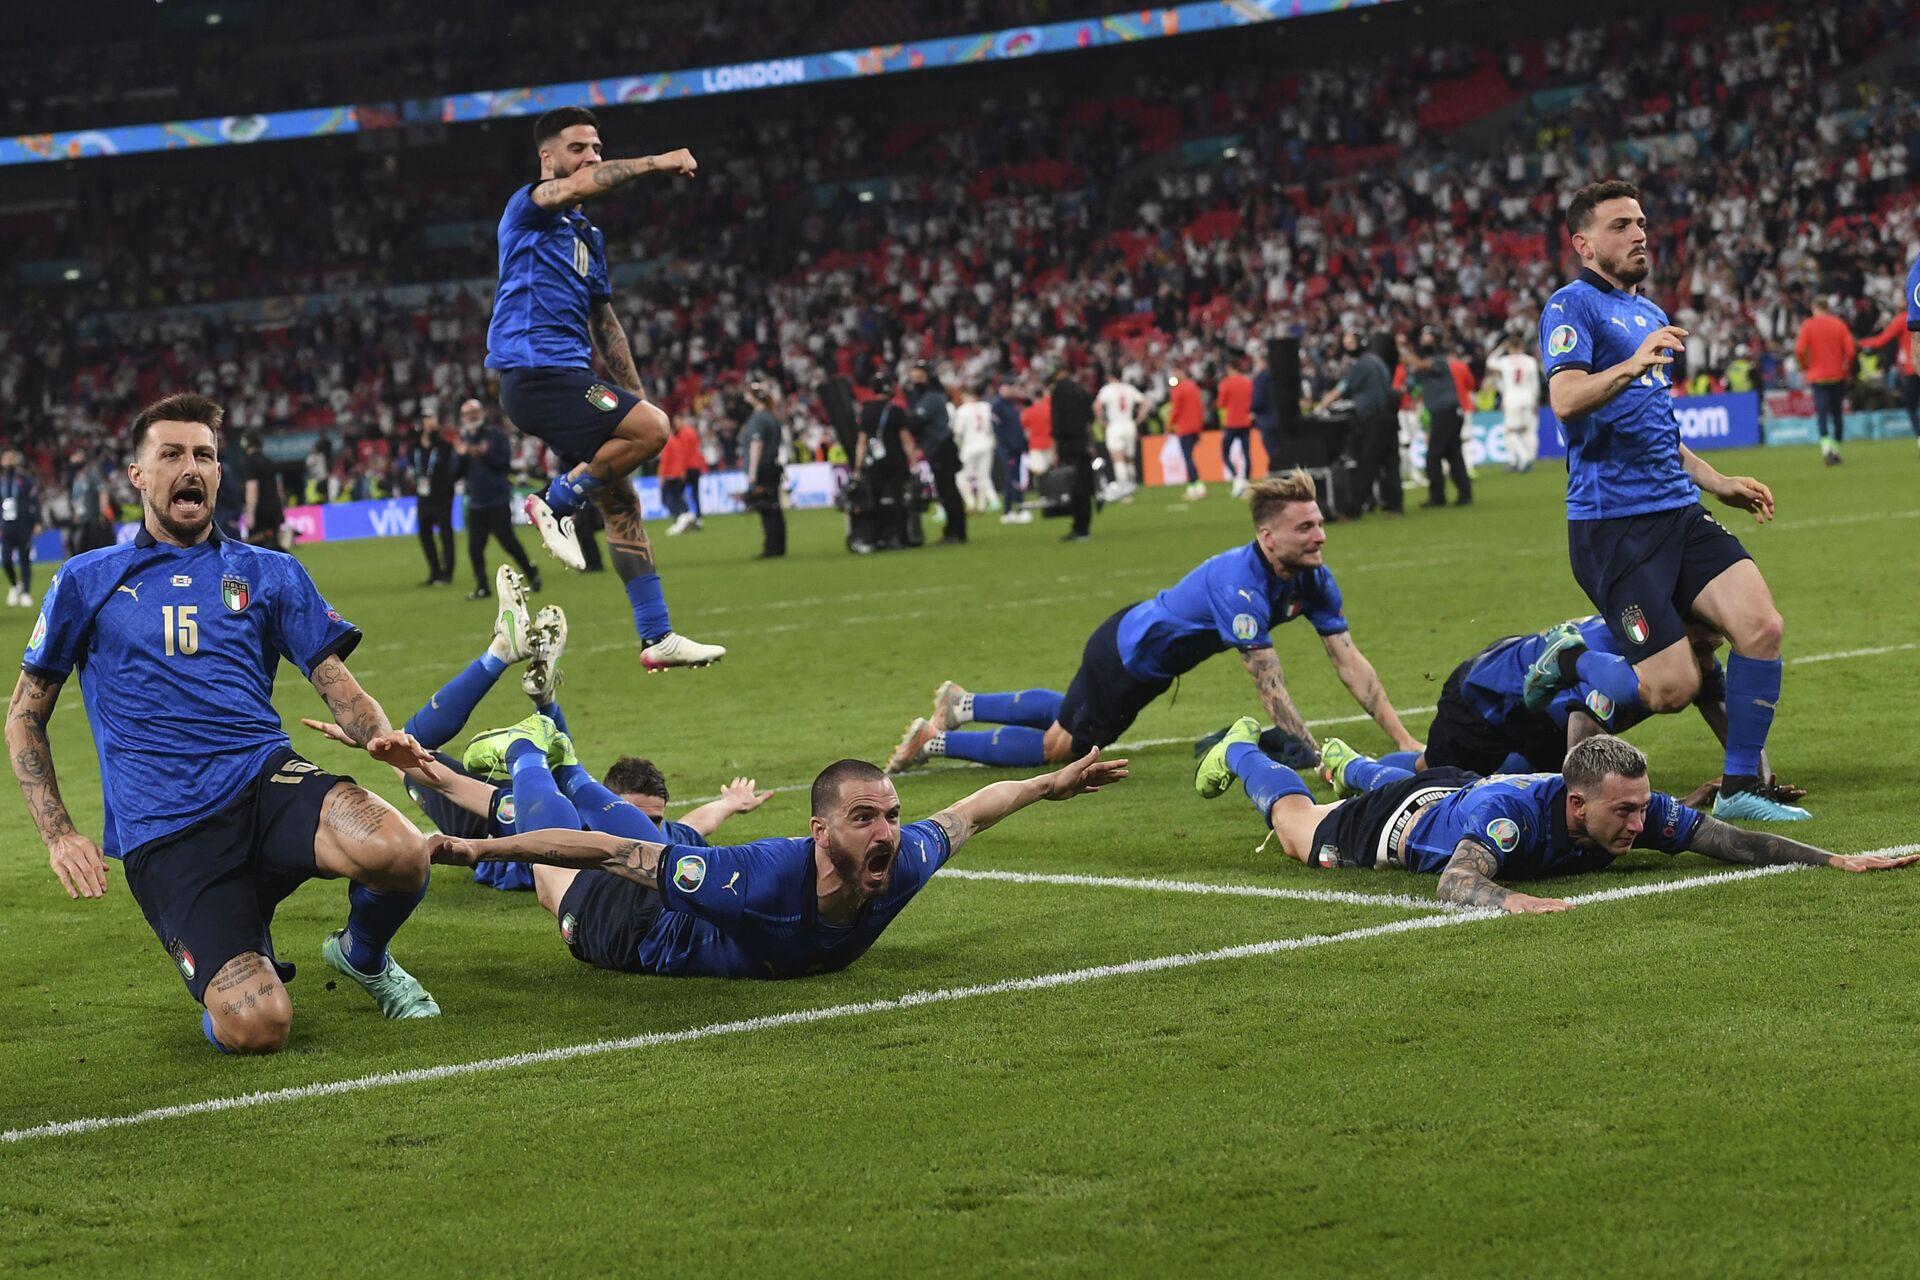 Игроки сборной Италии празднуют окончание финального матча Евро-2020  - Sputnik Italia, 1920, 12.07.2021